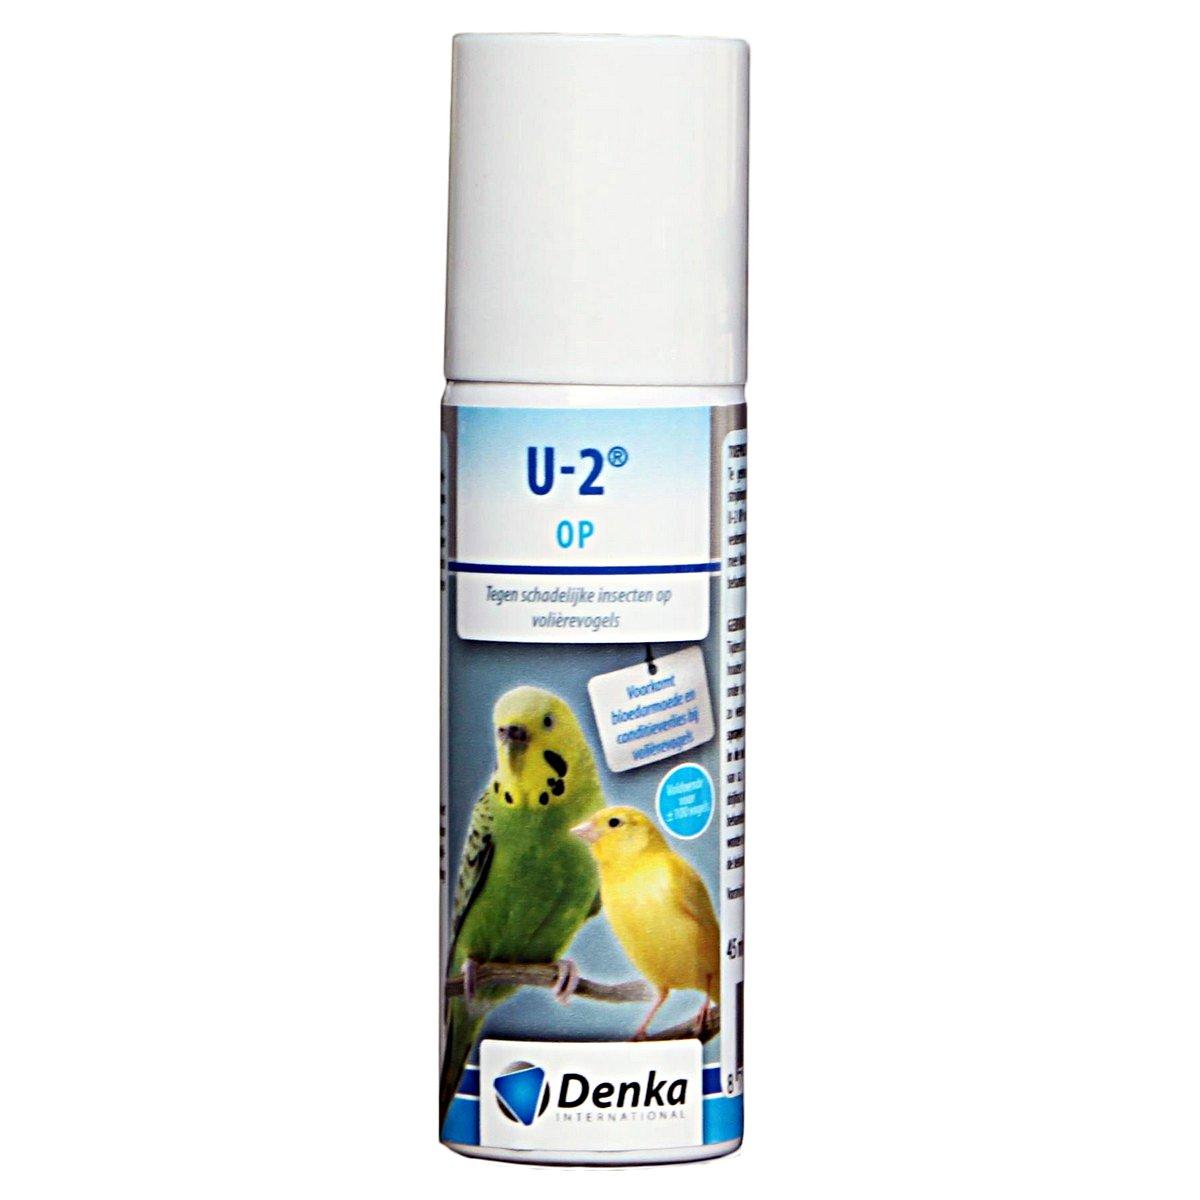 Afbeelding van Denka U 2 Op spray 45 gr